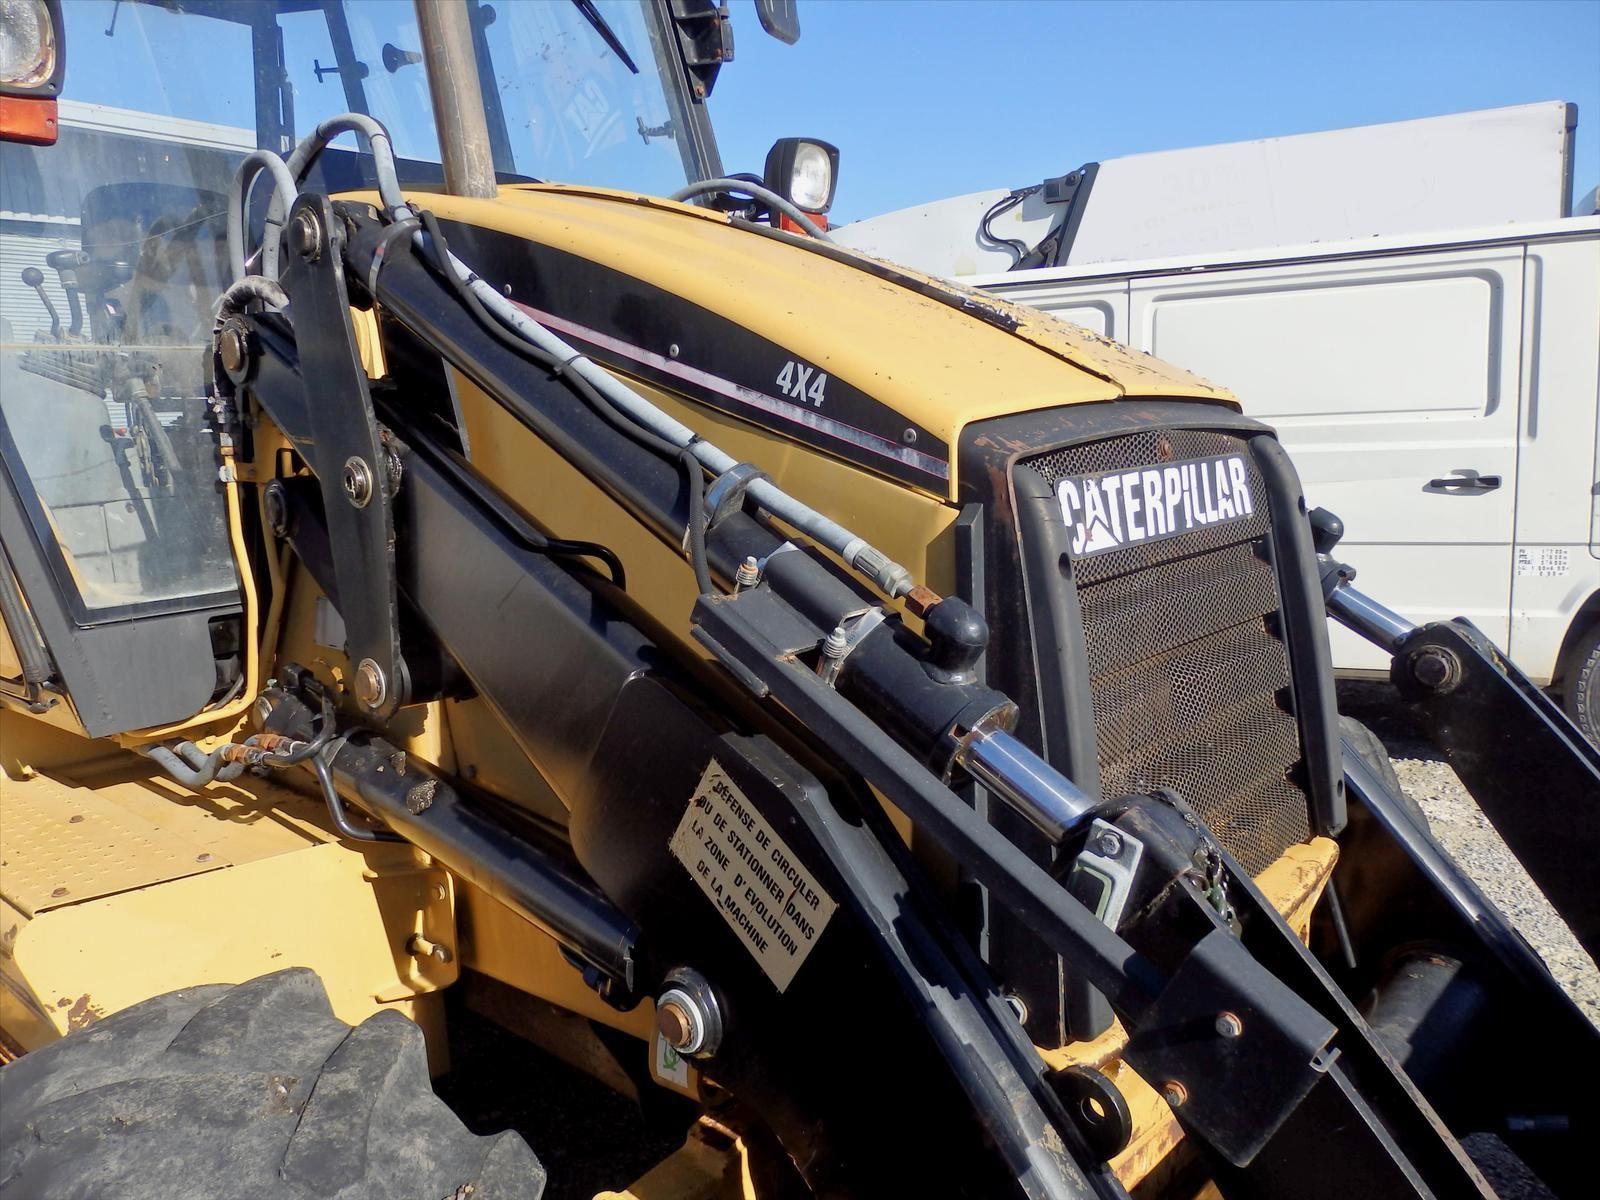 Tractopelle Caterpillar 4x4 CAT 180C Tel: 0608066192 TRANSCOMM13 Pierre BASSAT